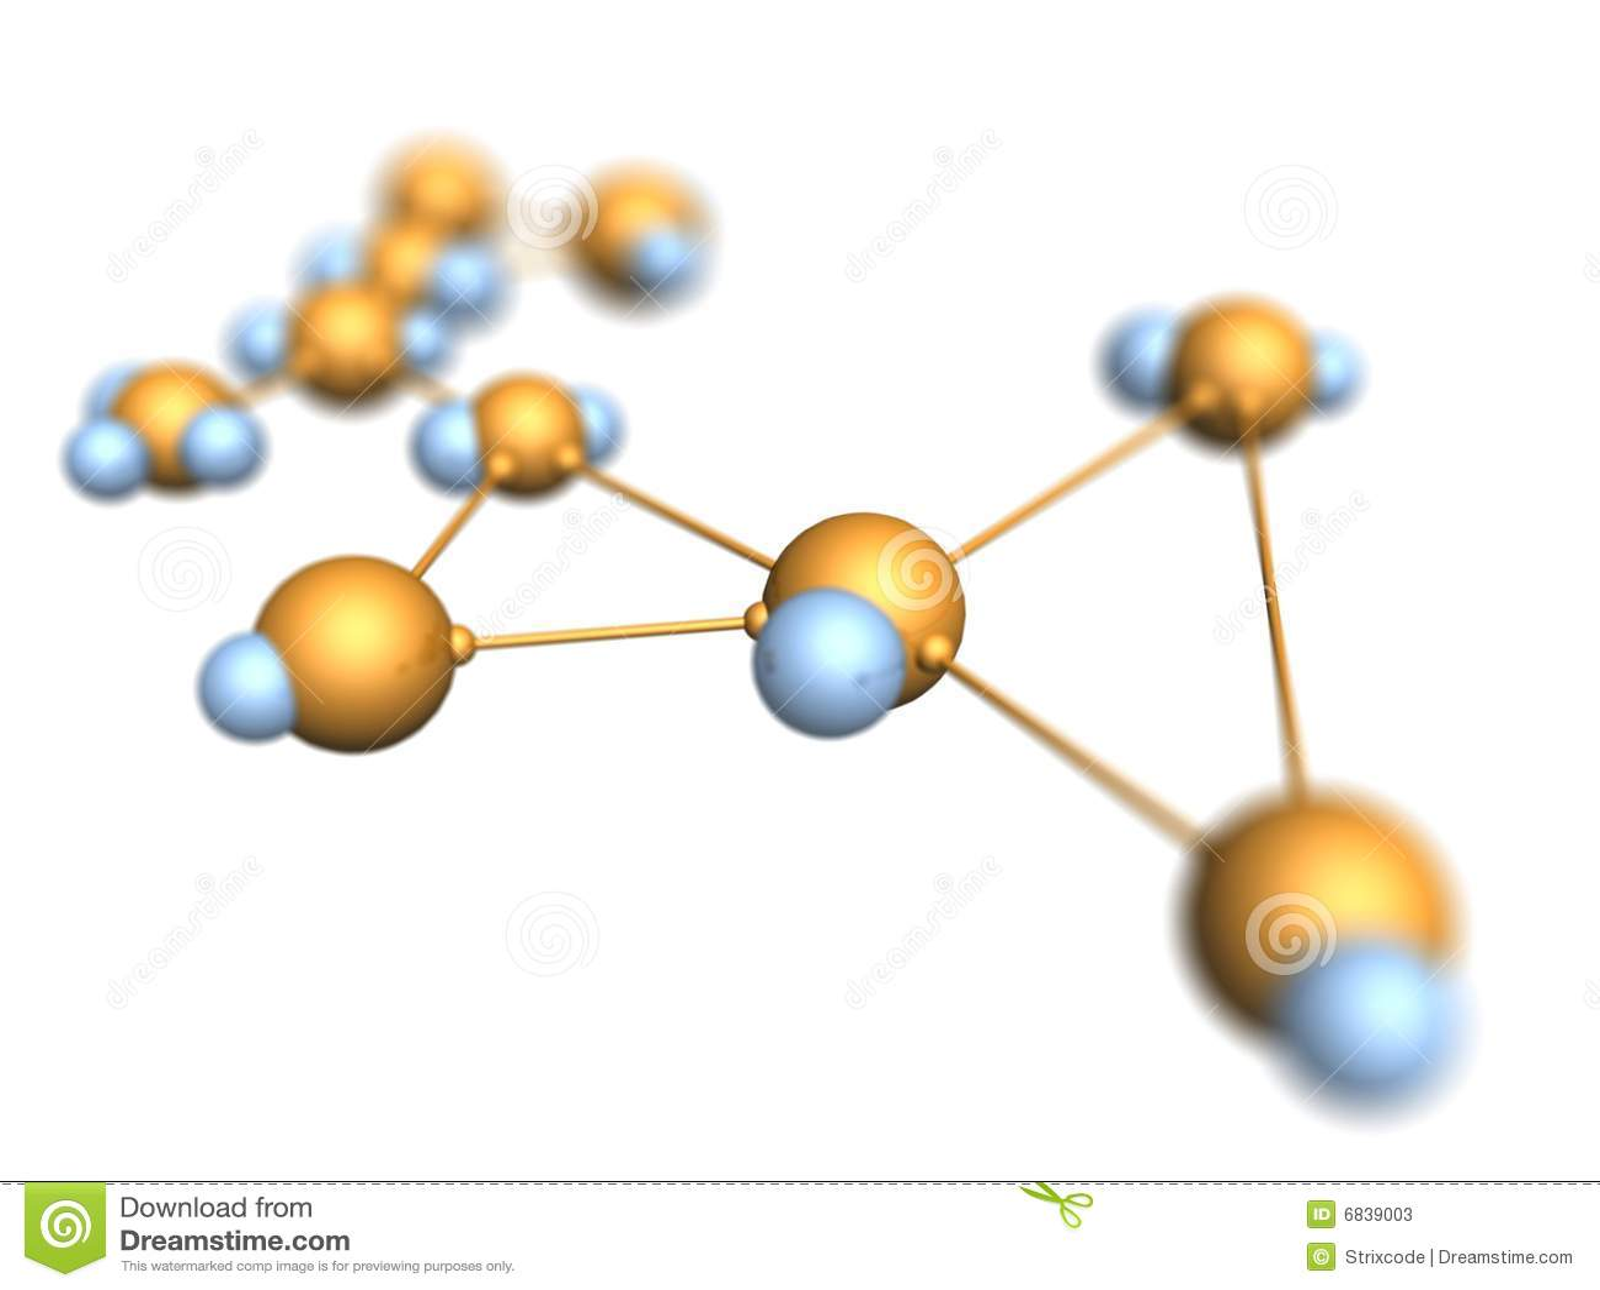 分子的背景